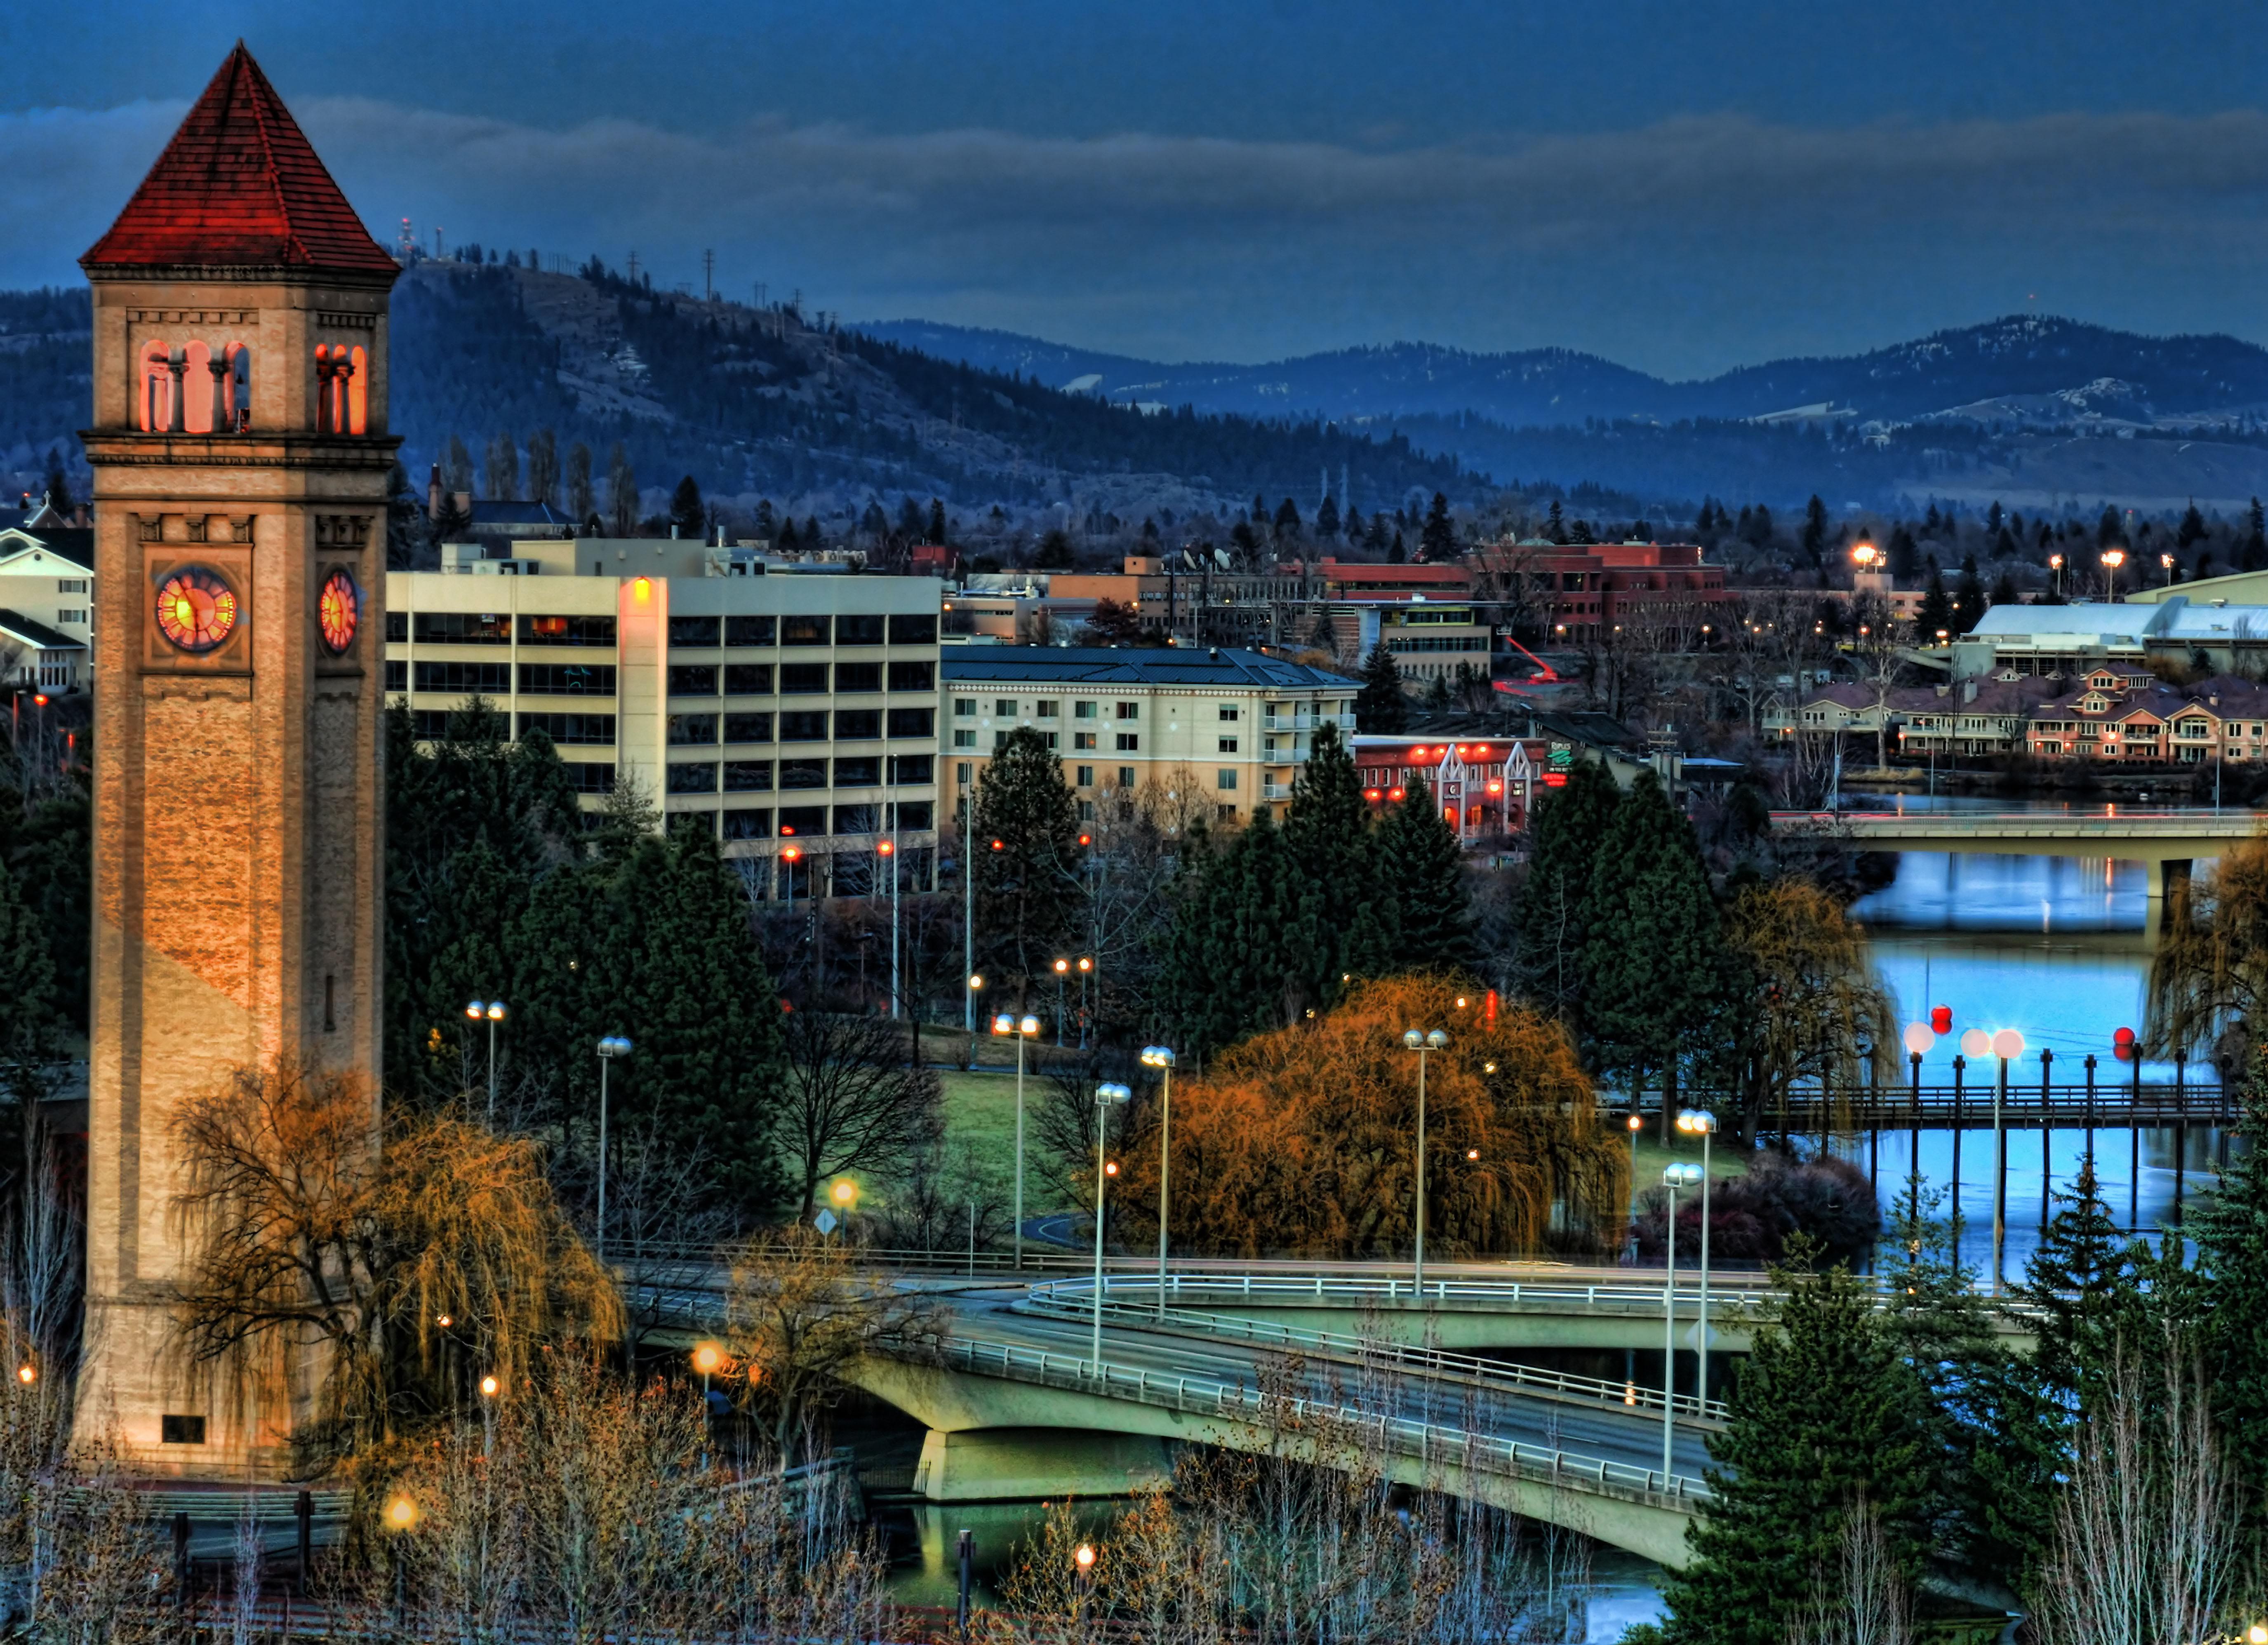 What time in spokane wa